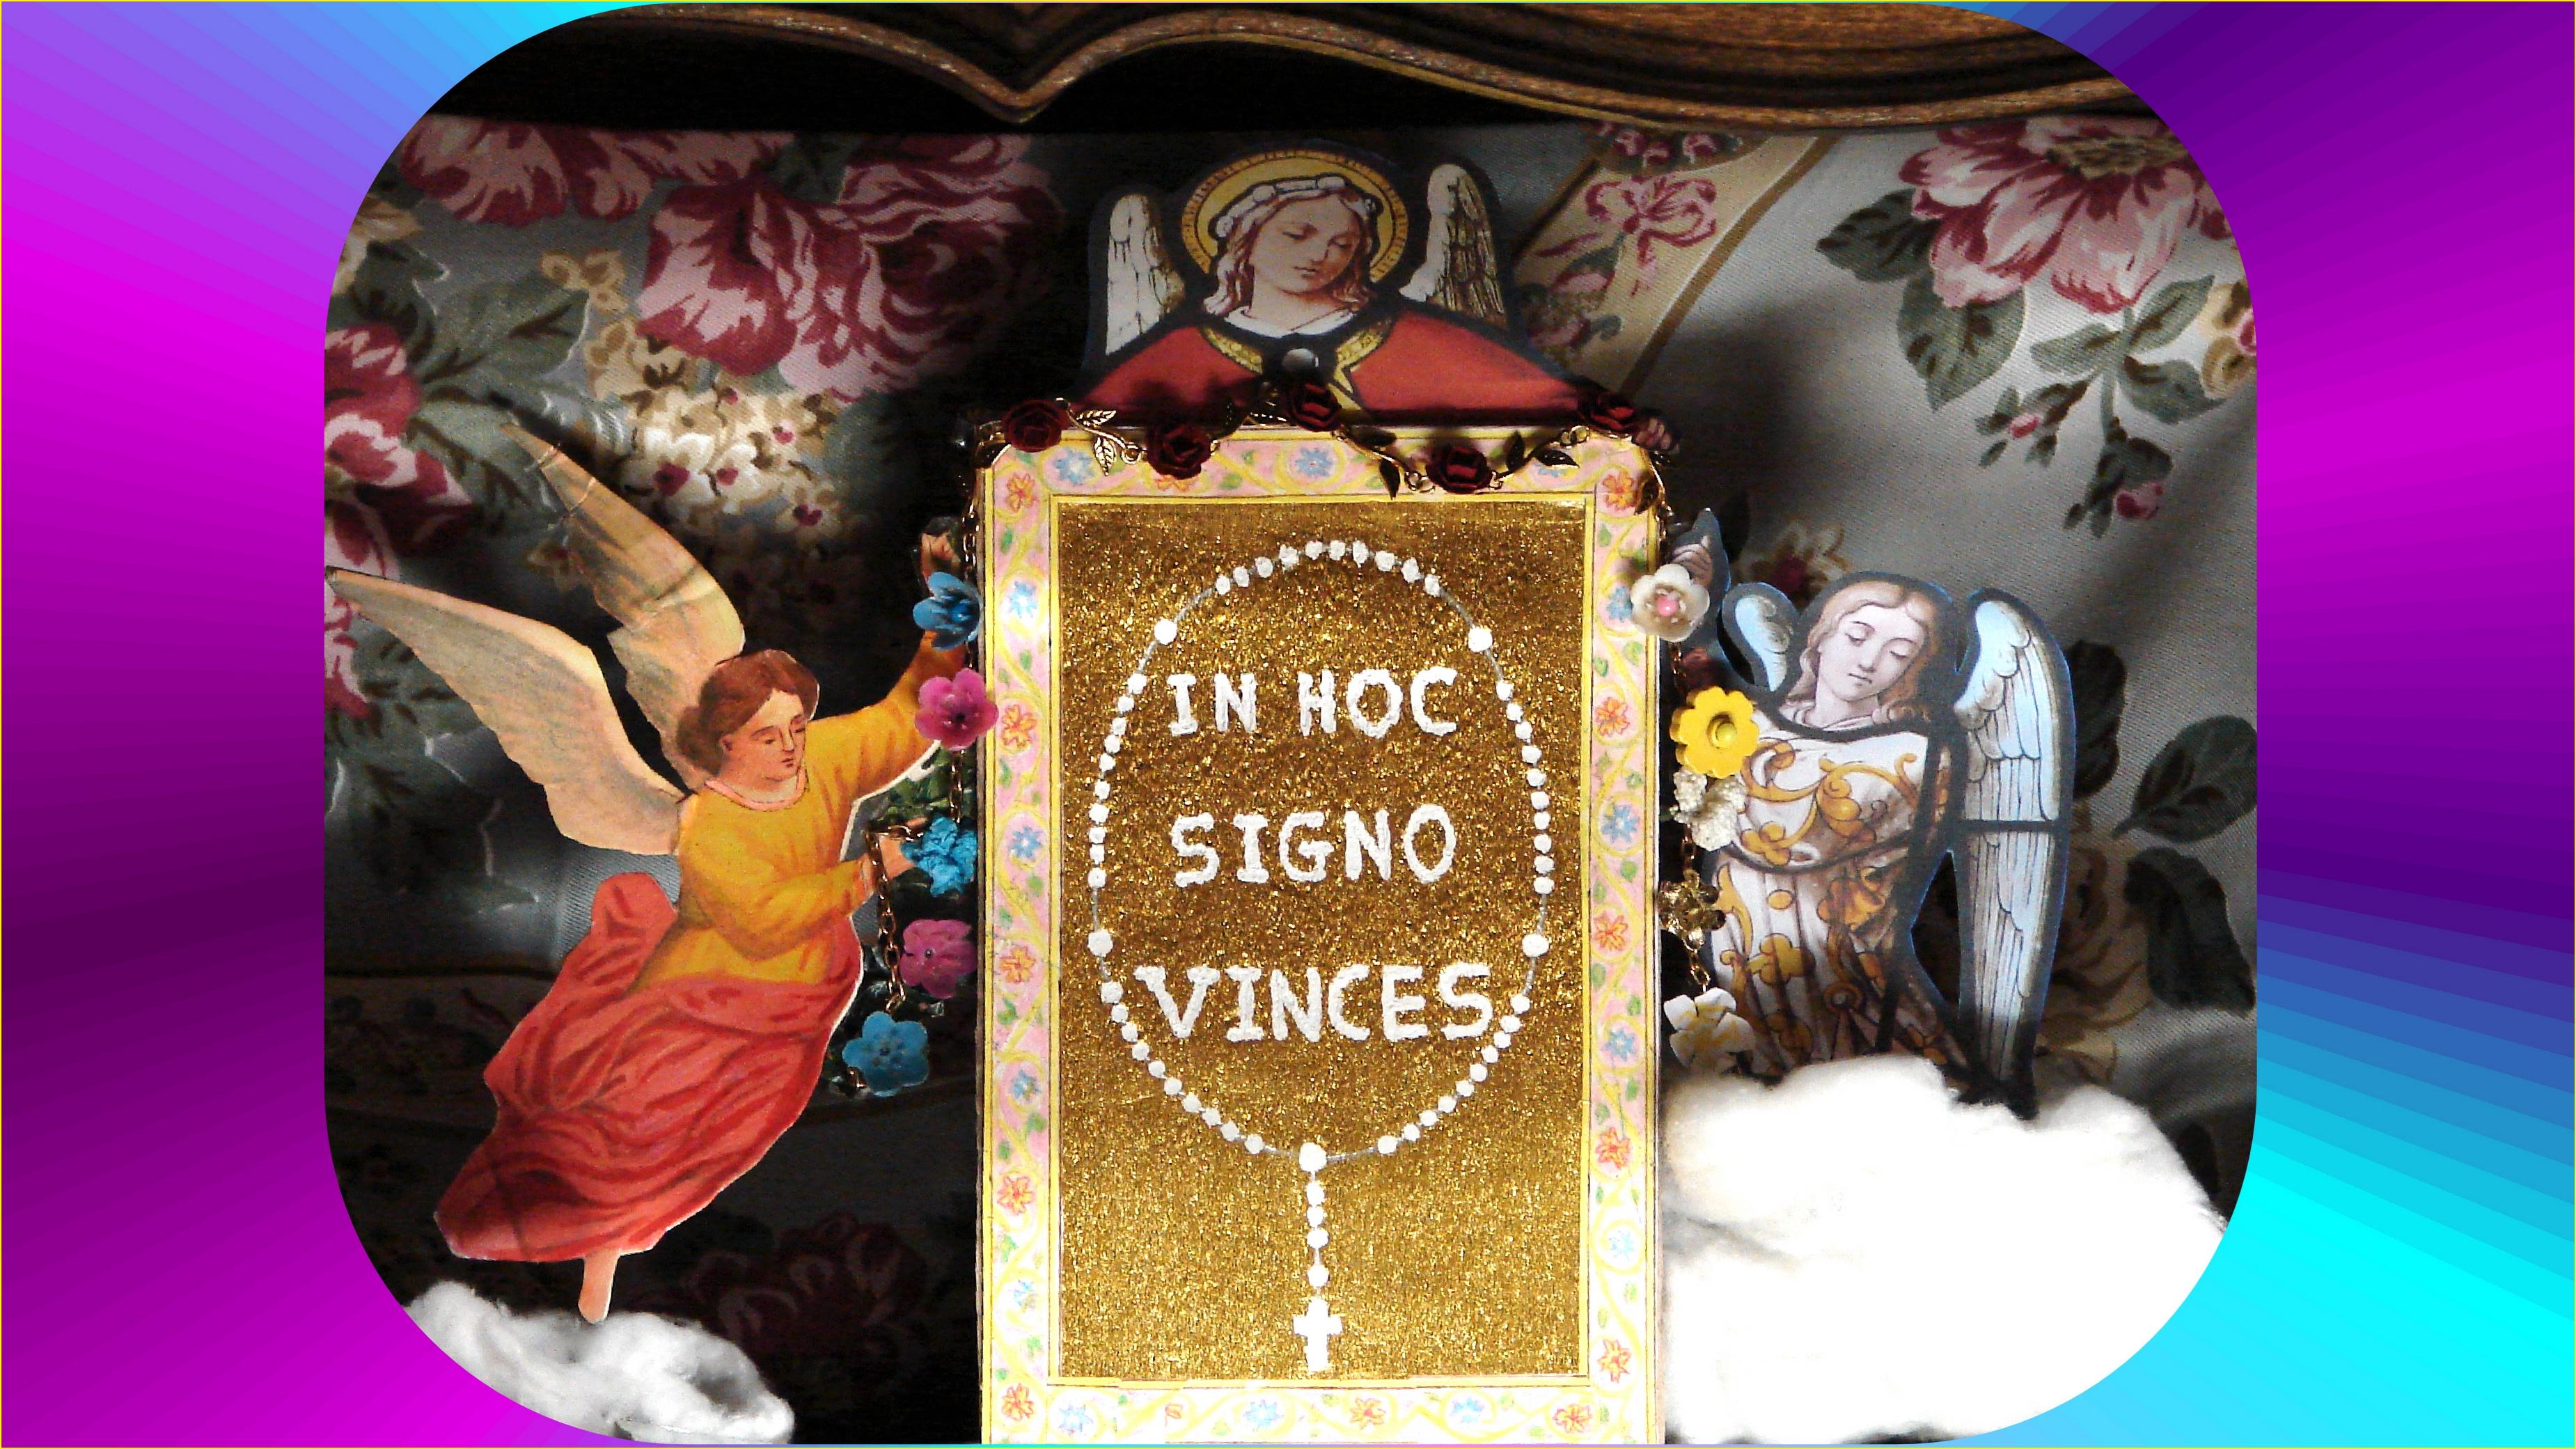 Paroles de Vie - Page 9 Tiin-hoc-signo-vi...rosaire--566b99a